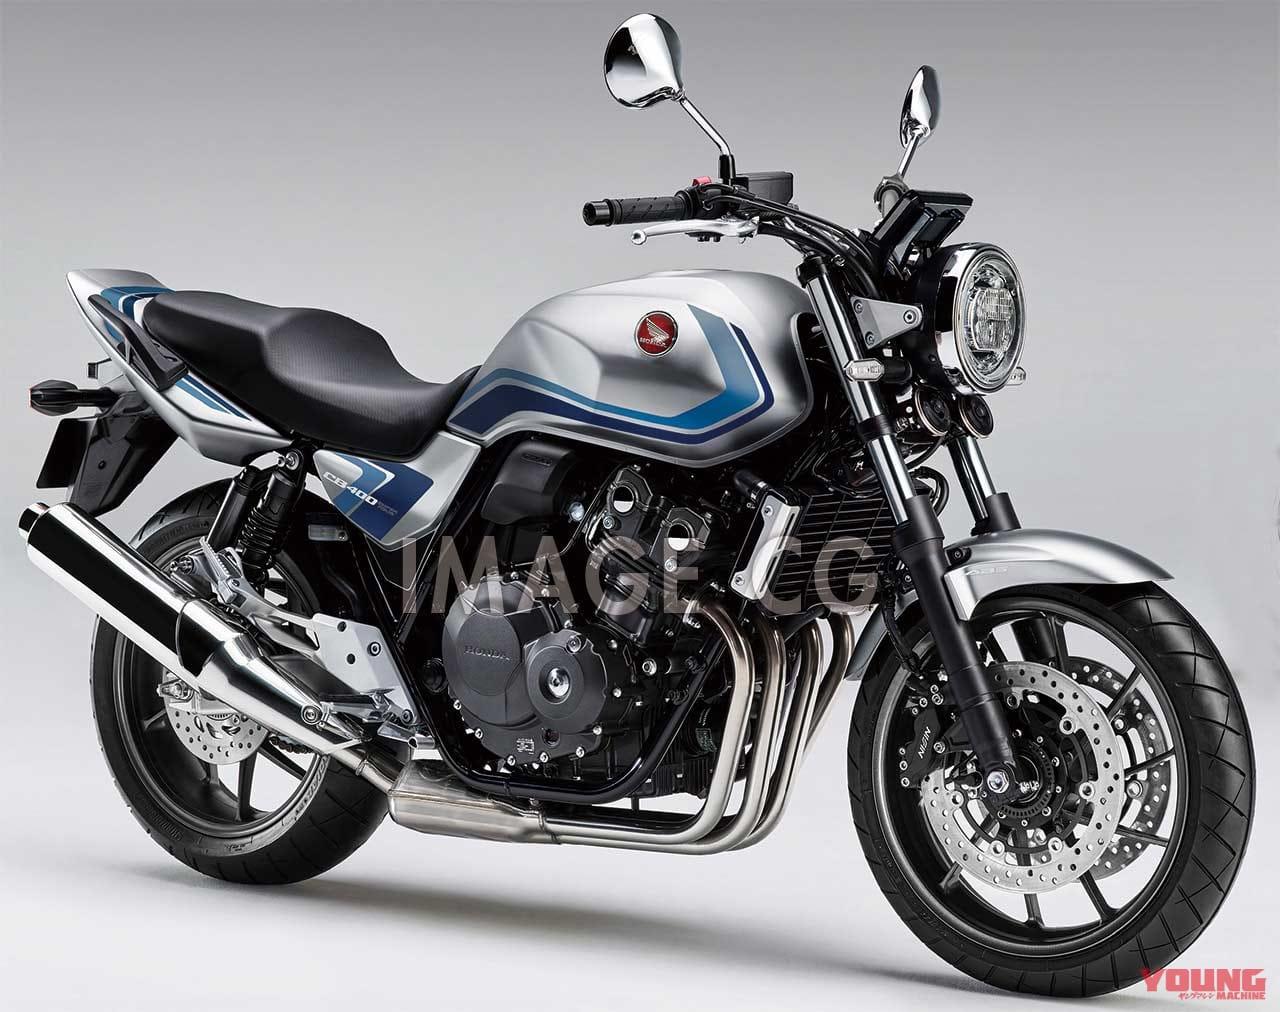 Huyền thoại Honda CB400SF Super Four 2020 sẽ có giá 220 triệu đồng